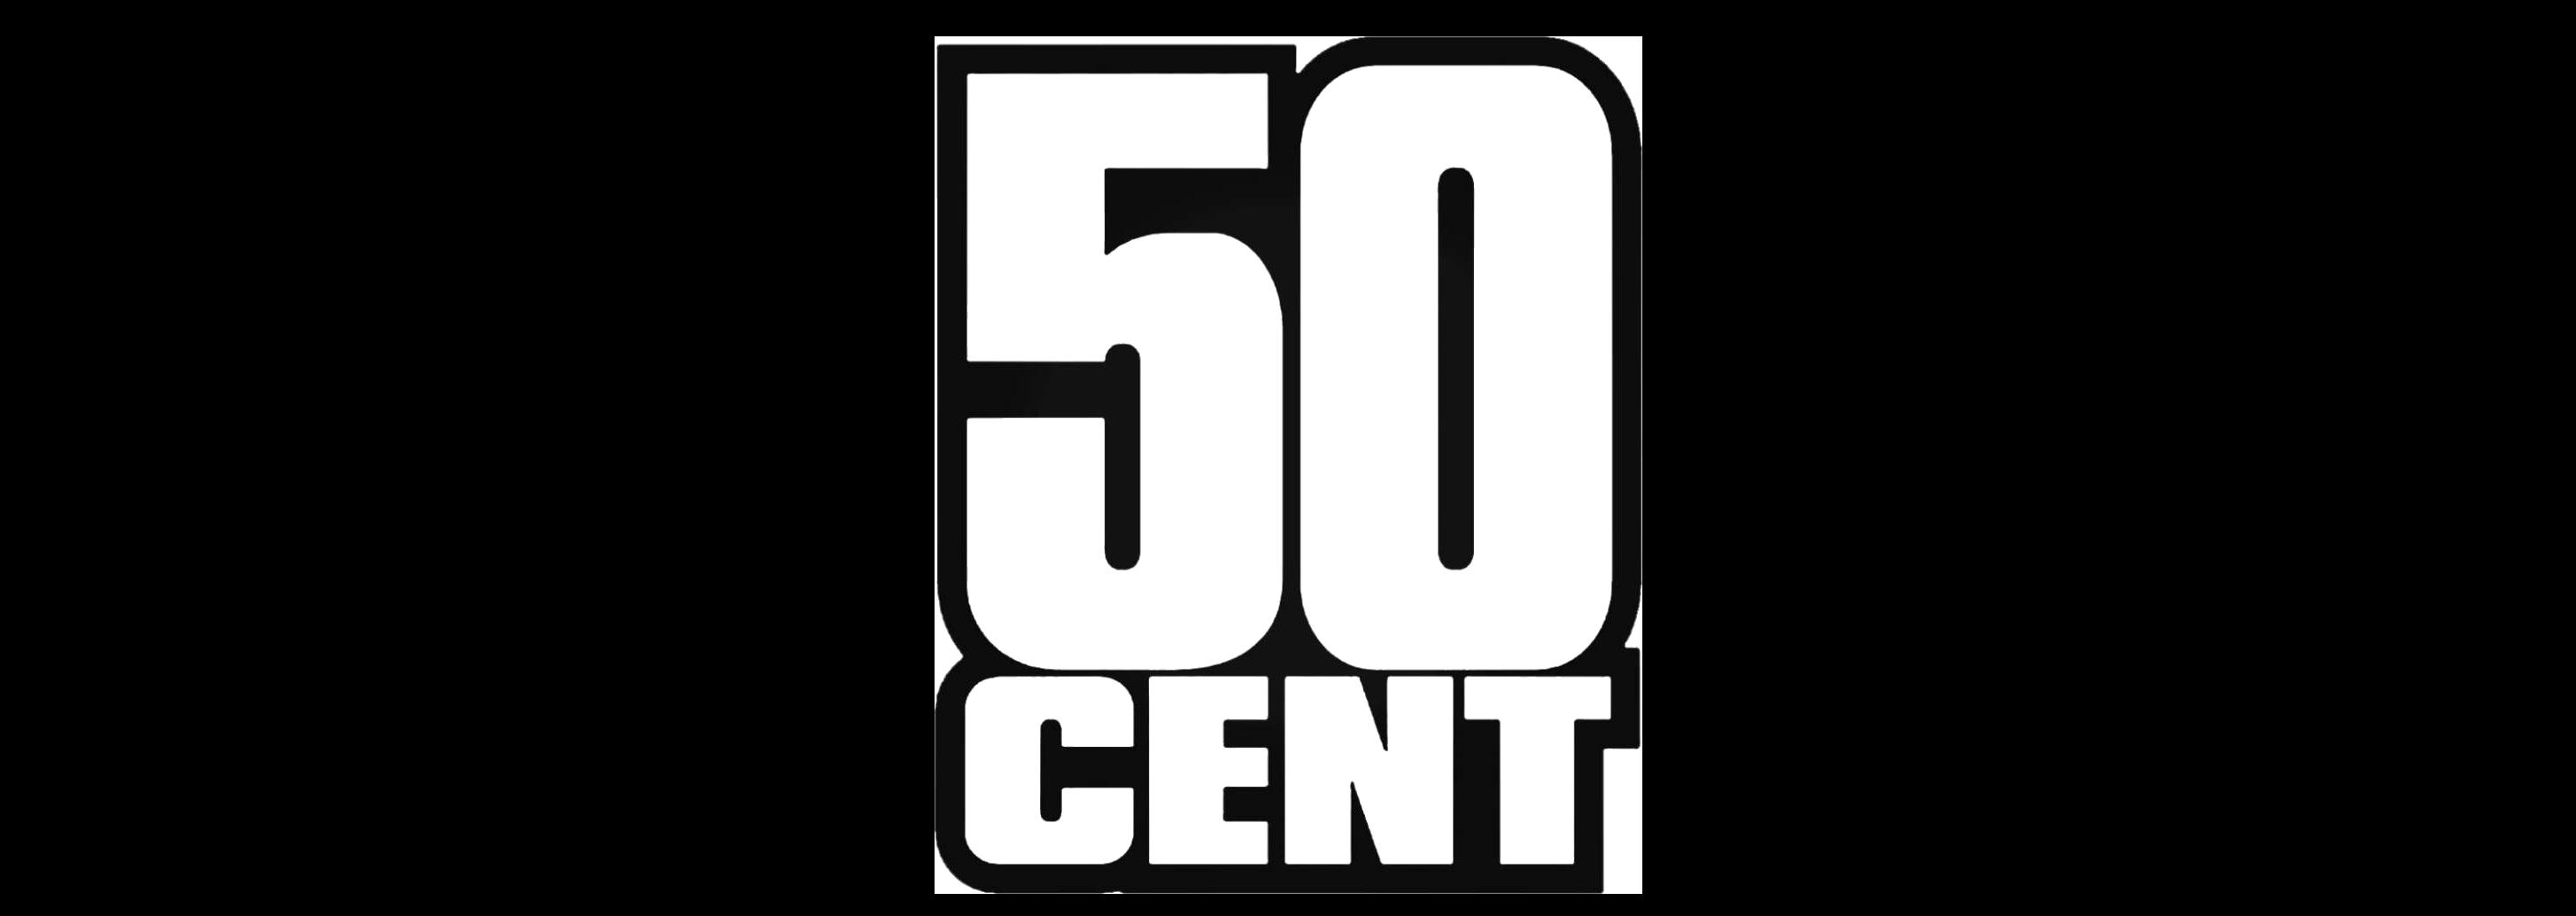 50 Cent Audio Video Invasion